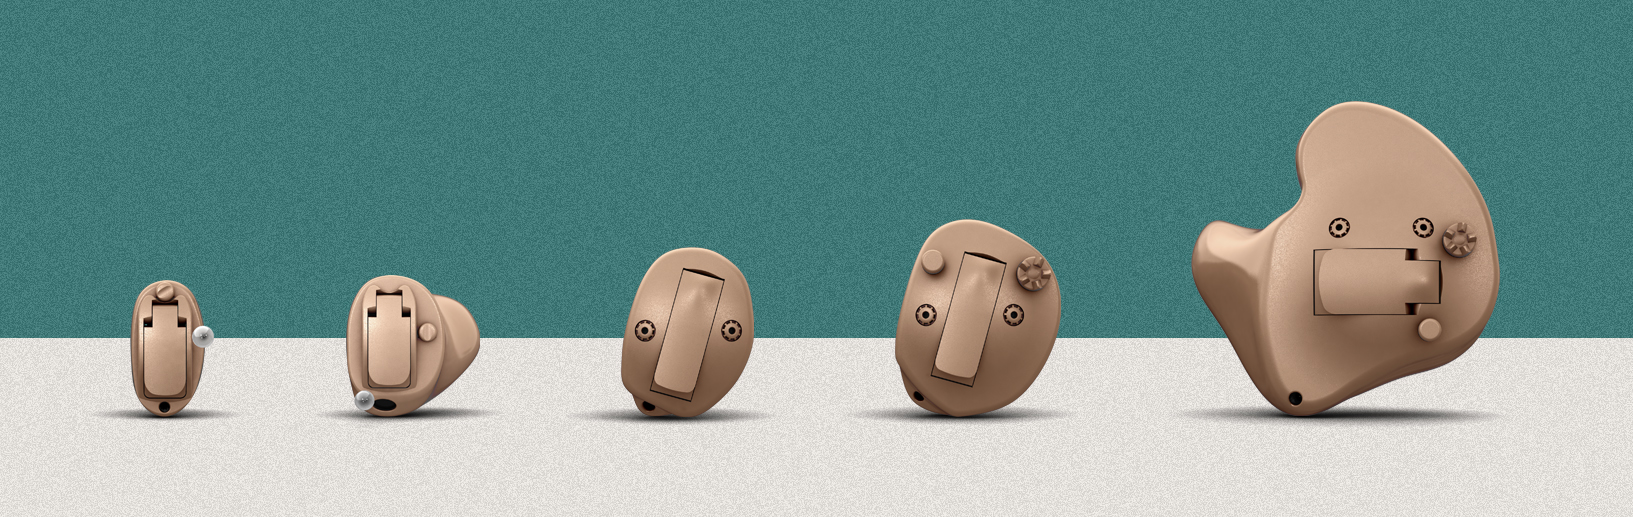 oticon opn in ear hearing aids